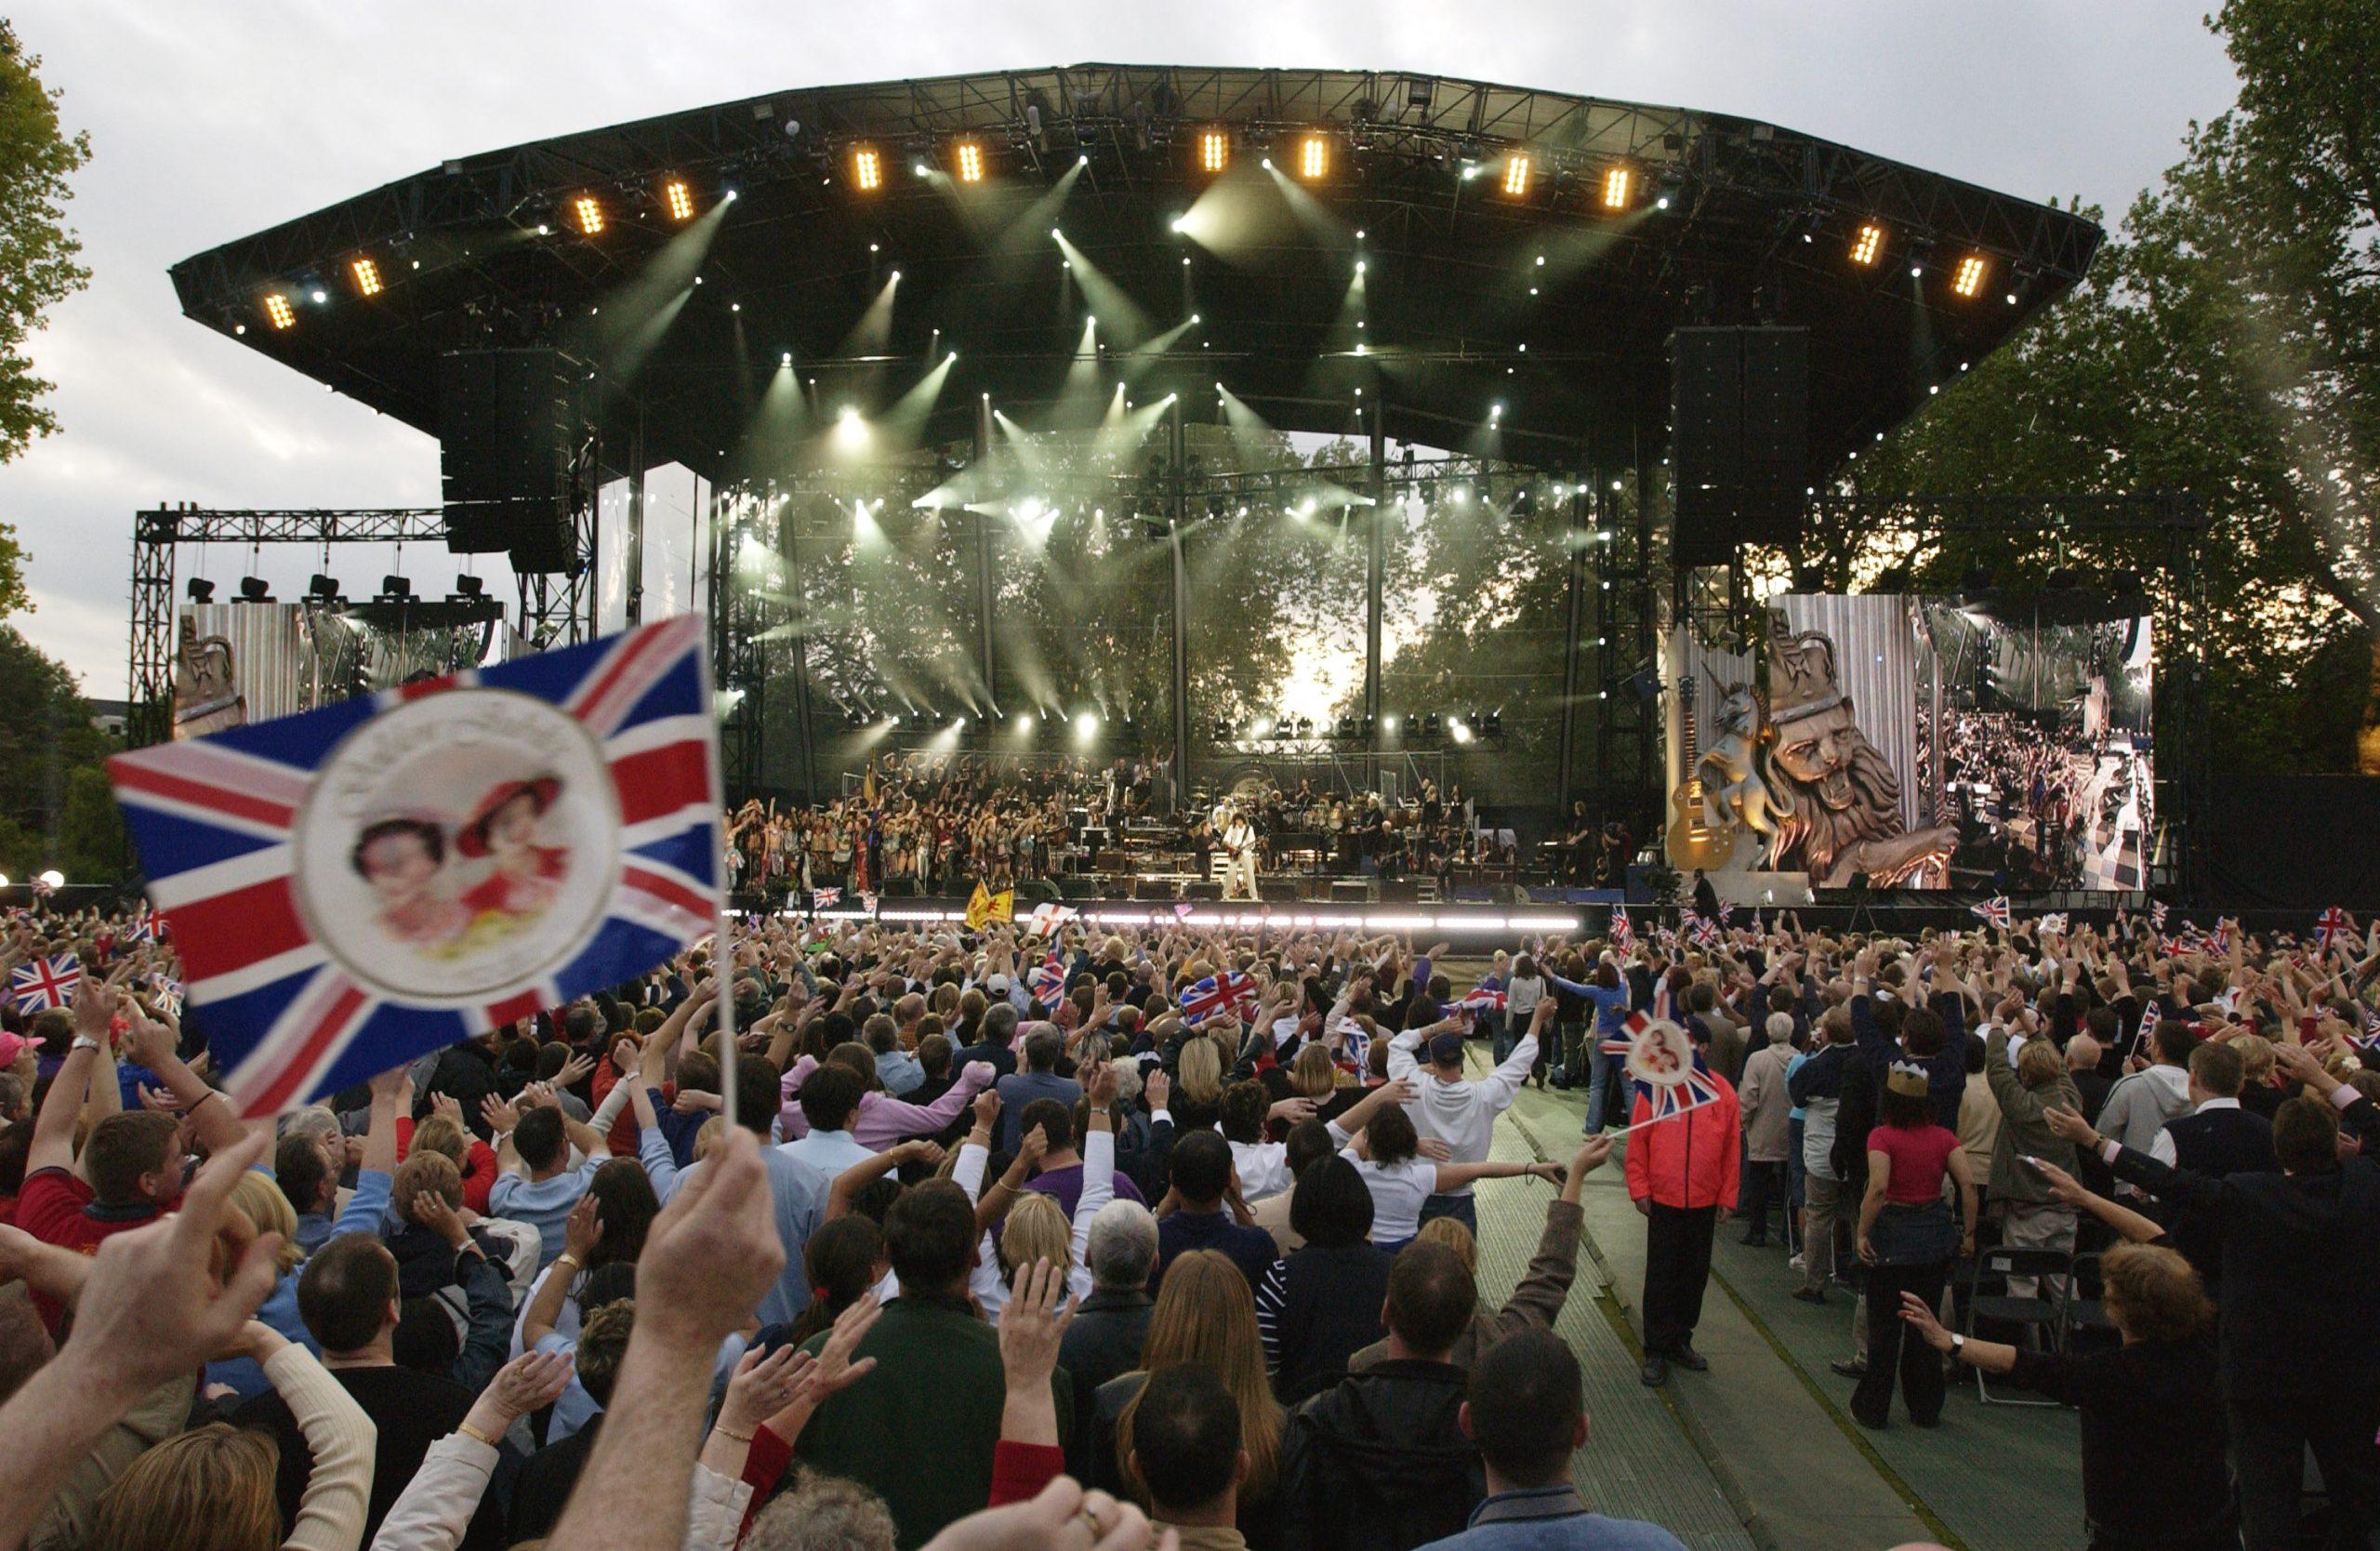 Le jubilé de la Reine a été célébré un jour férié supplémentaire en 2002, avec une fête au concert du Palais.